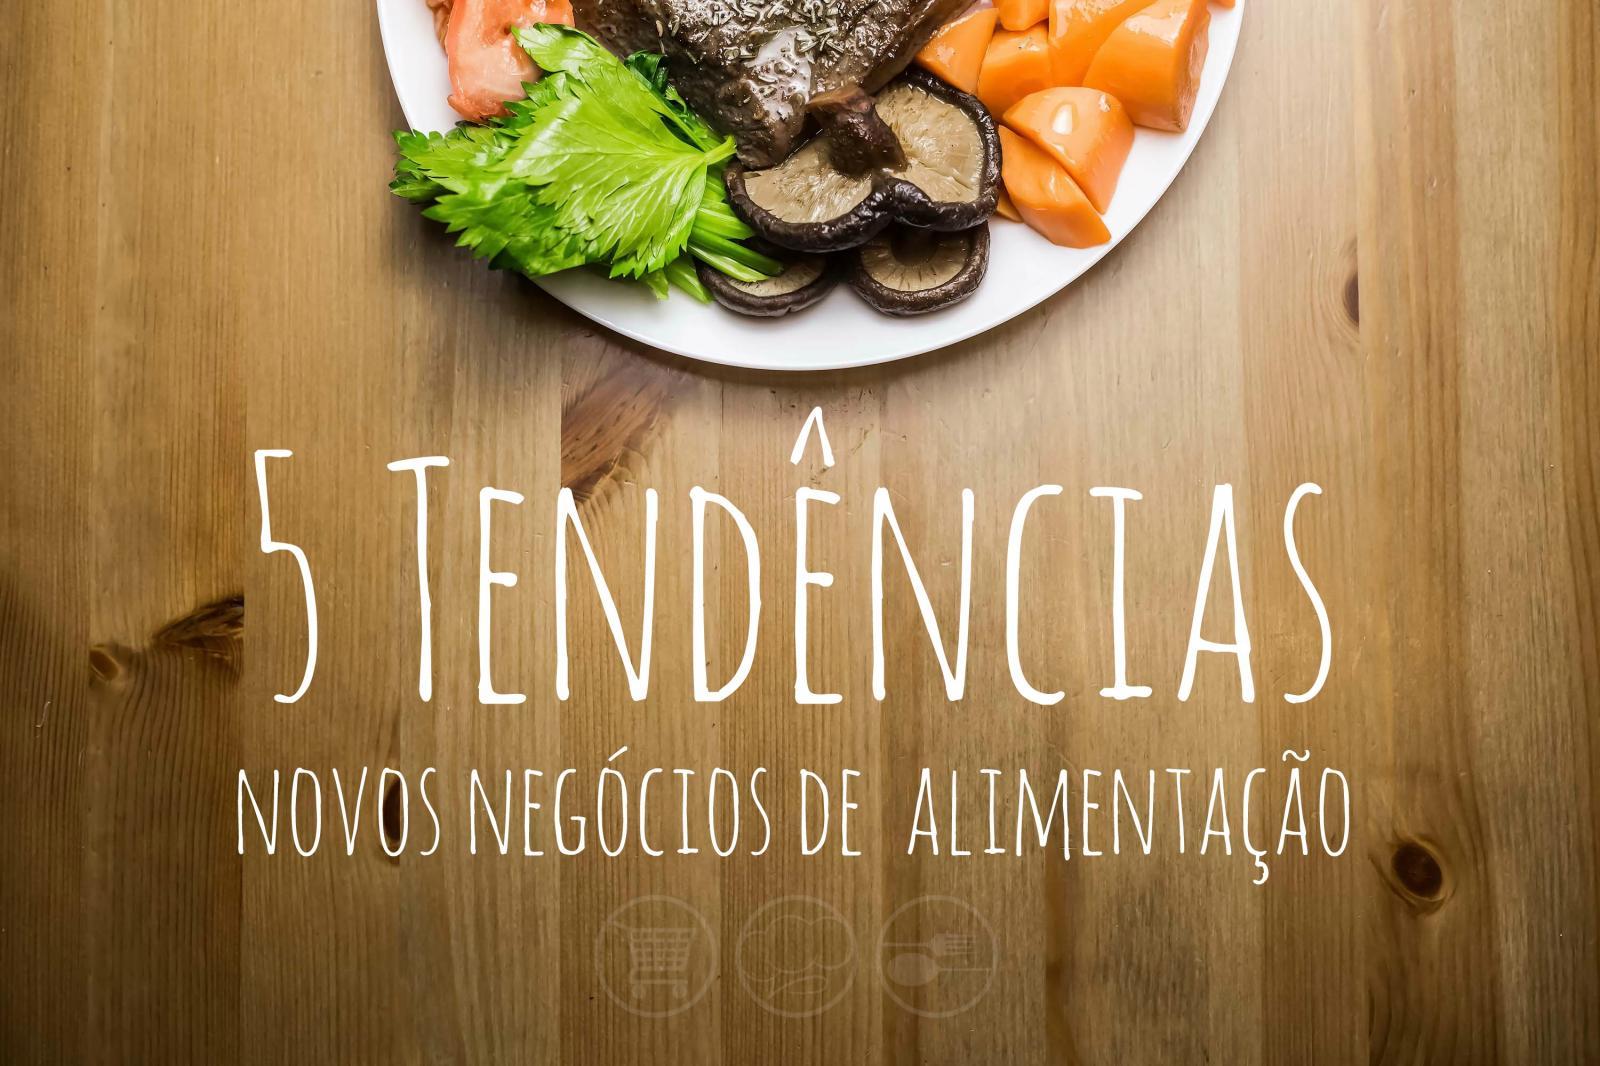 5 tendências para novos negócios de alimentação